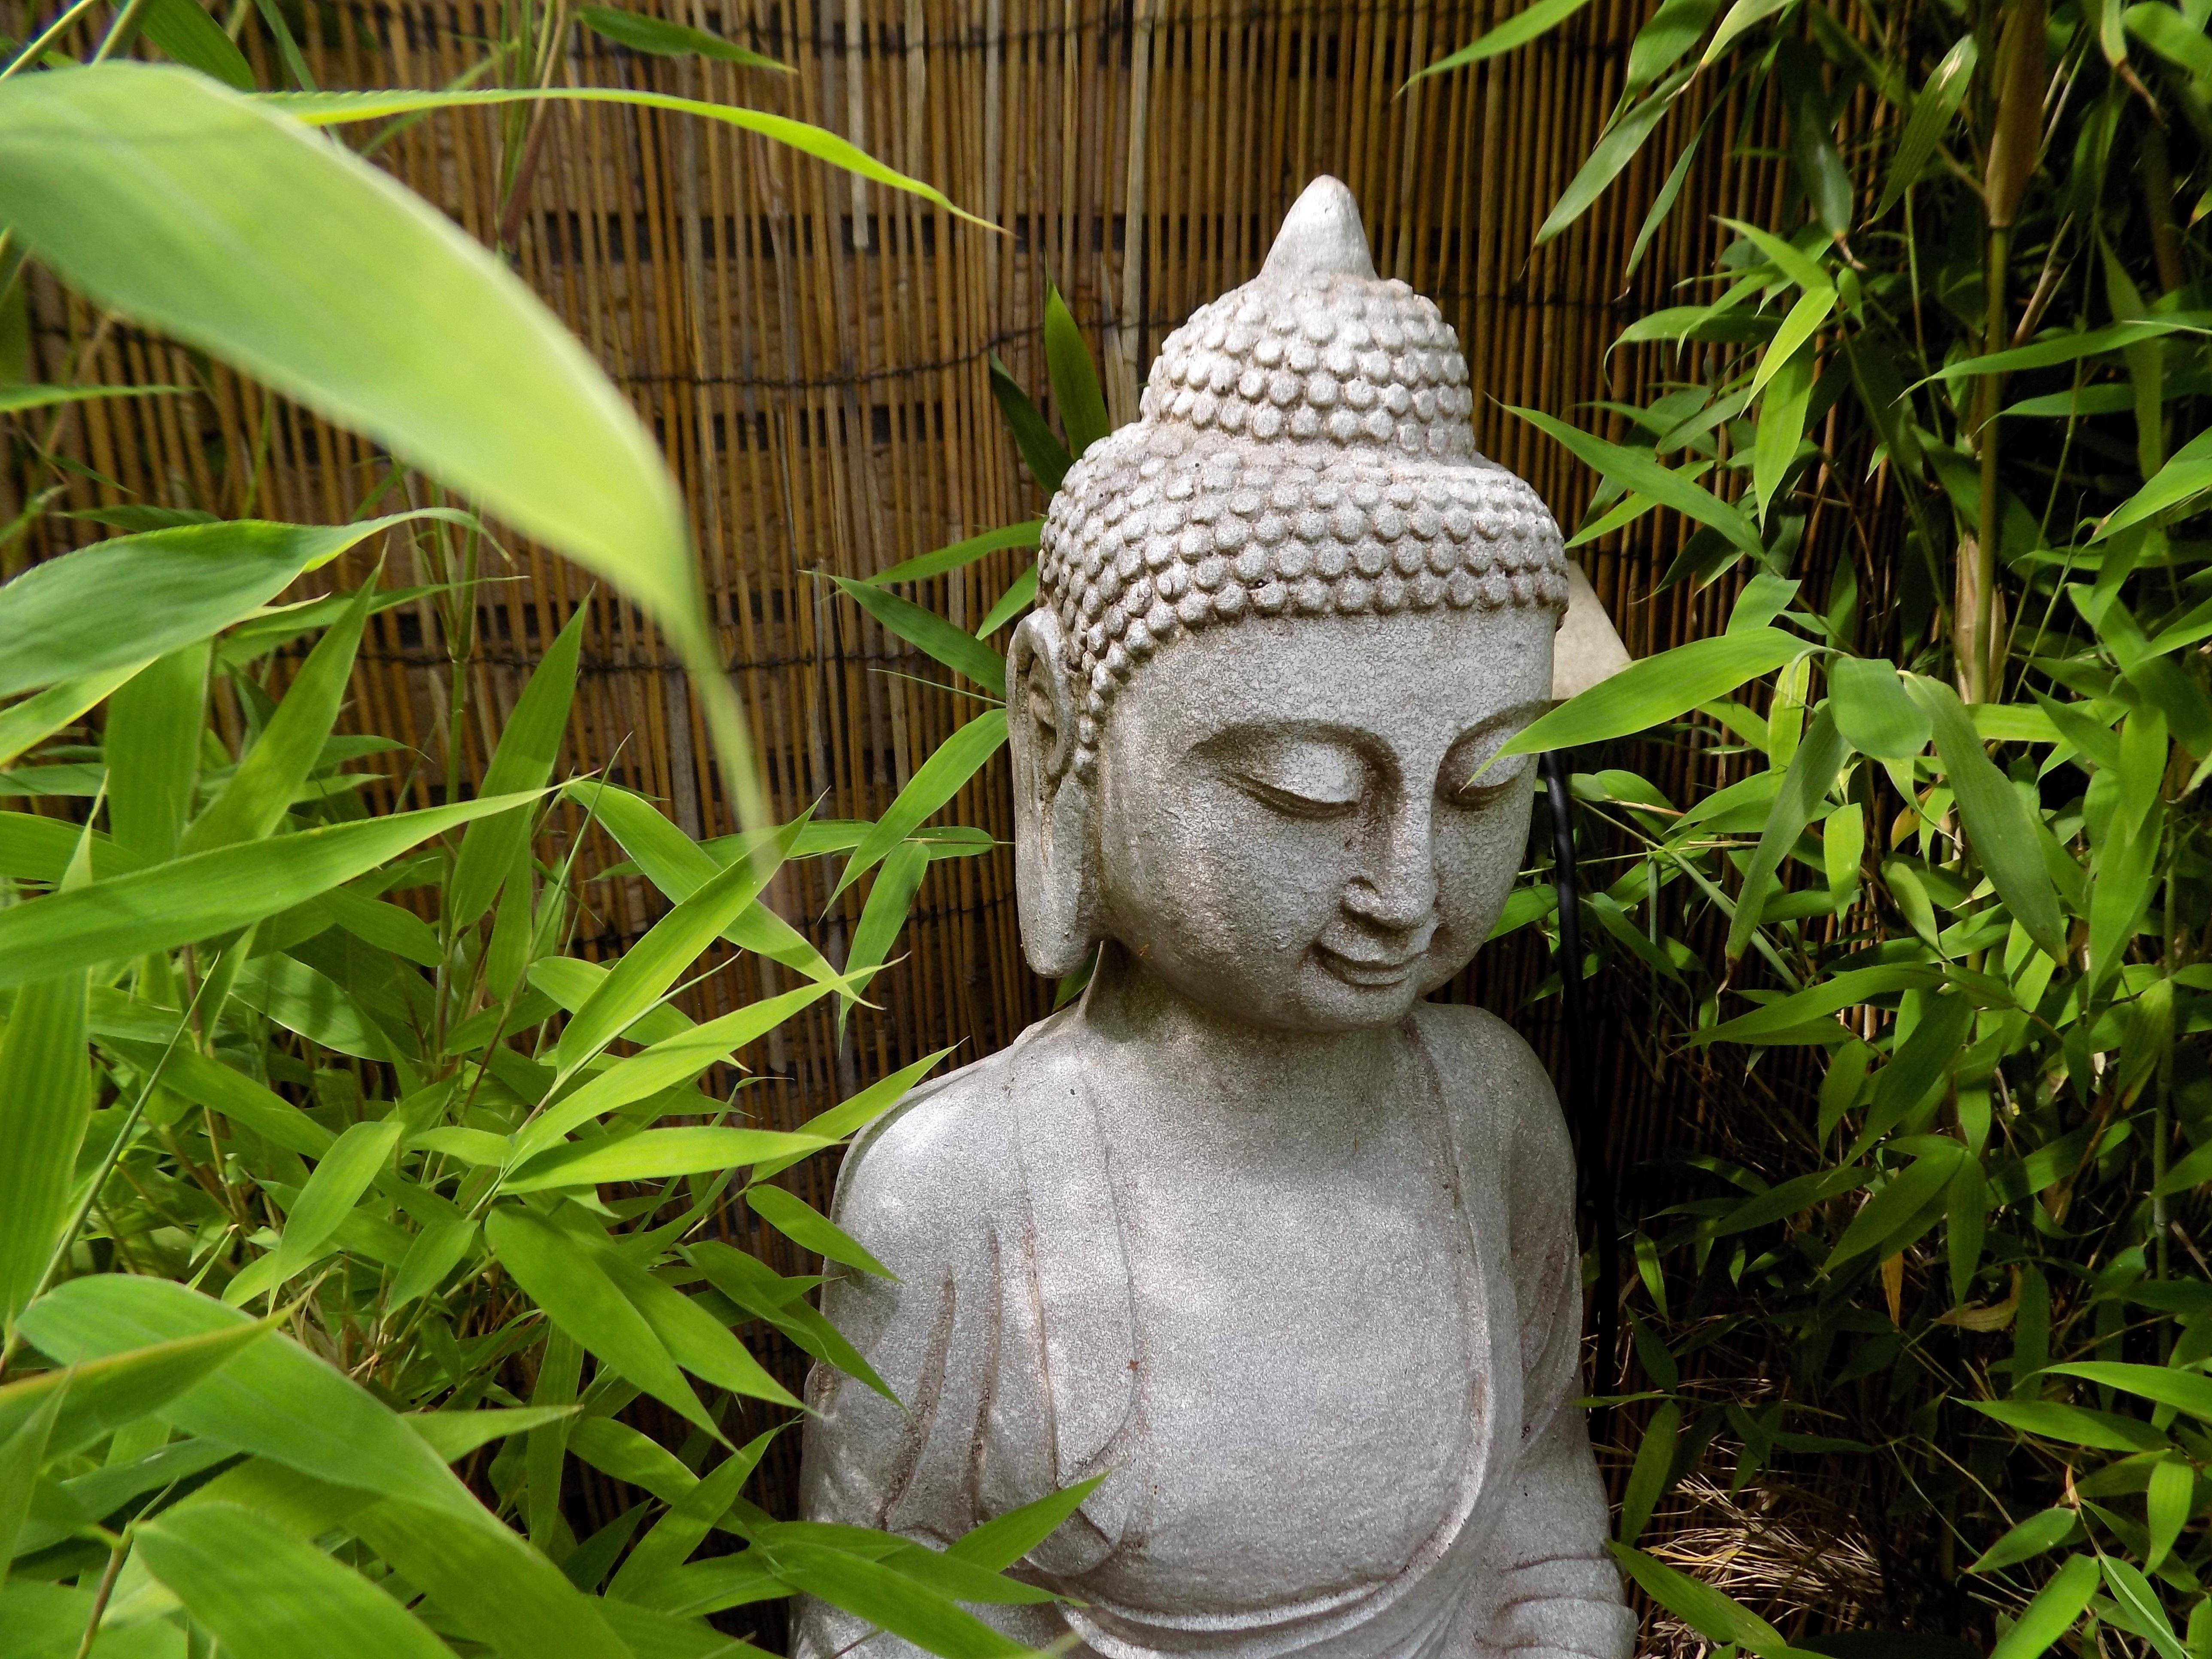 free images grass plant leaf flower monument statue. Black Bedroom Furniture Sets. Home Design Ideas